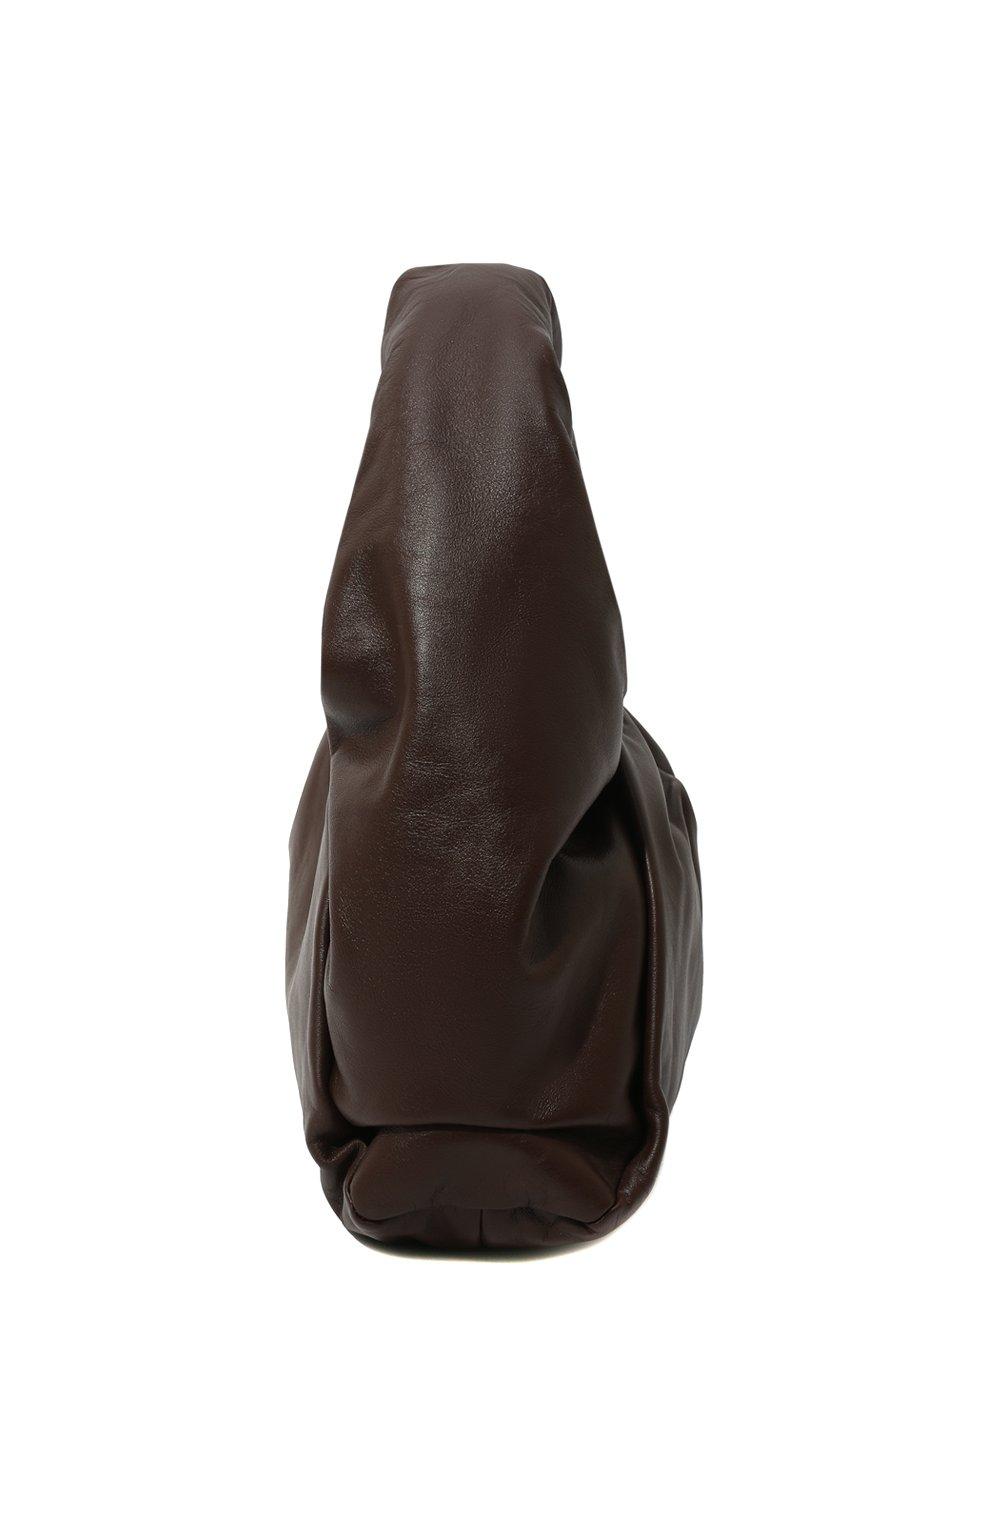 Женская сумка shoulder pouch BOTTEGA VENETA коричневого цвета, арт. 610524/VCP40 | Фото 4